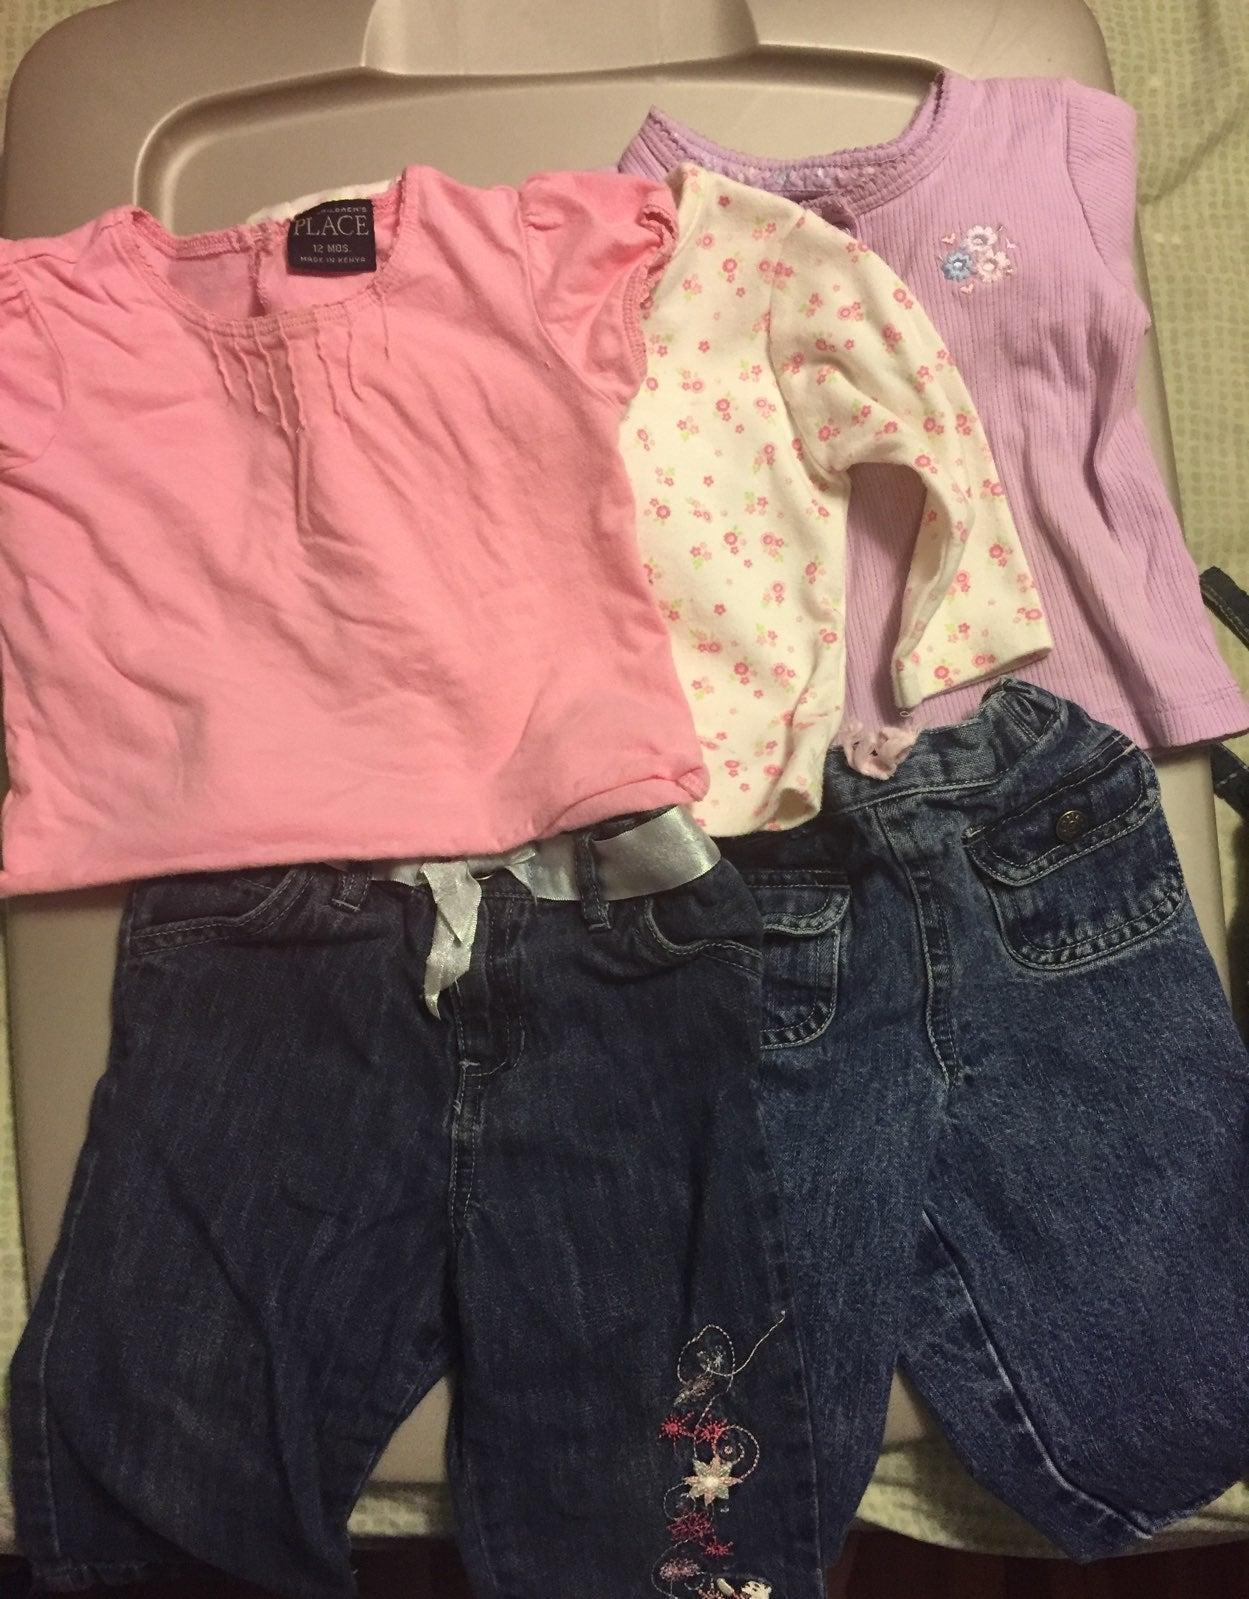 Girls 12 months - 5 pieces